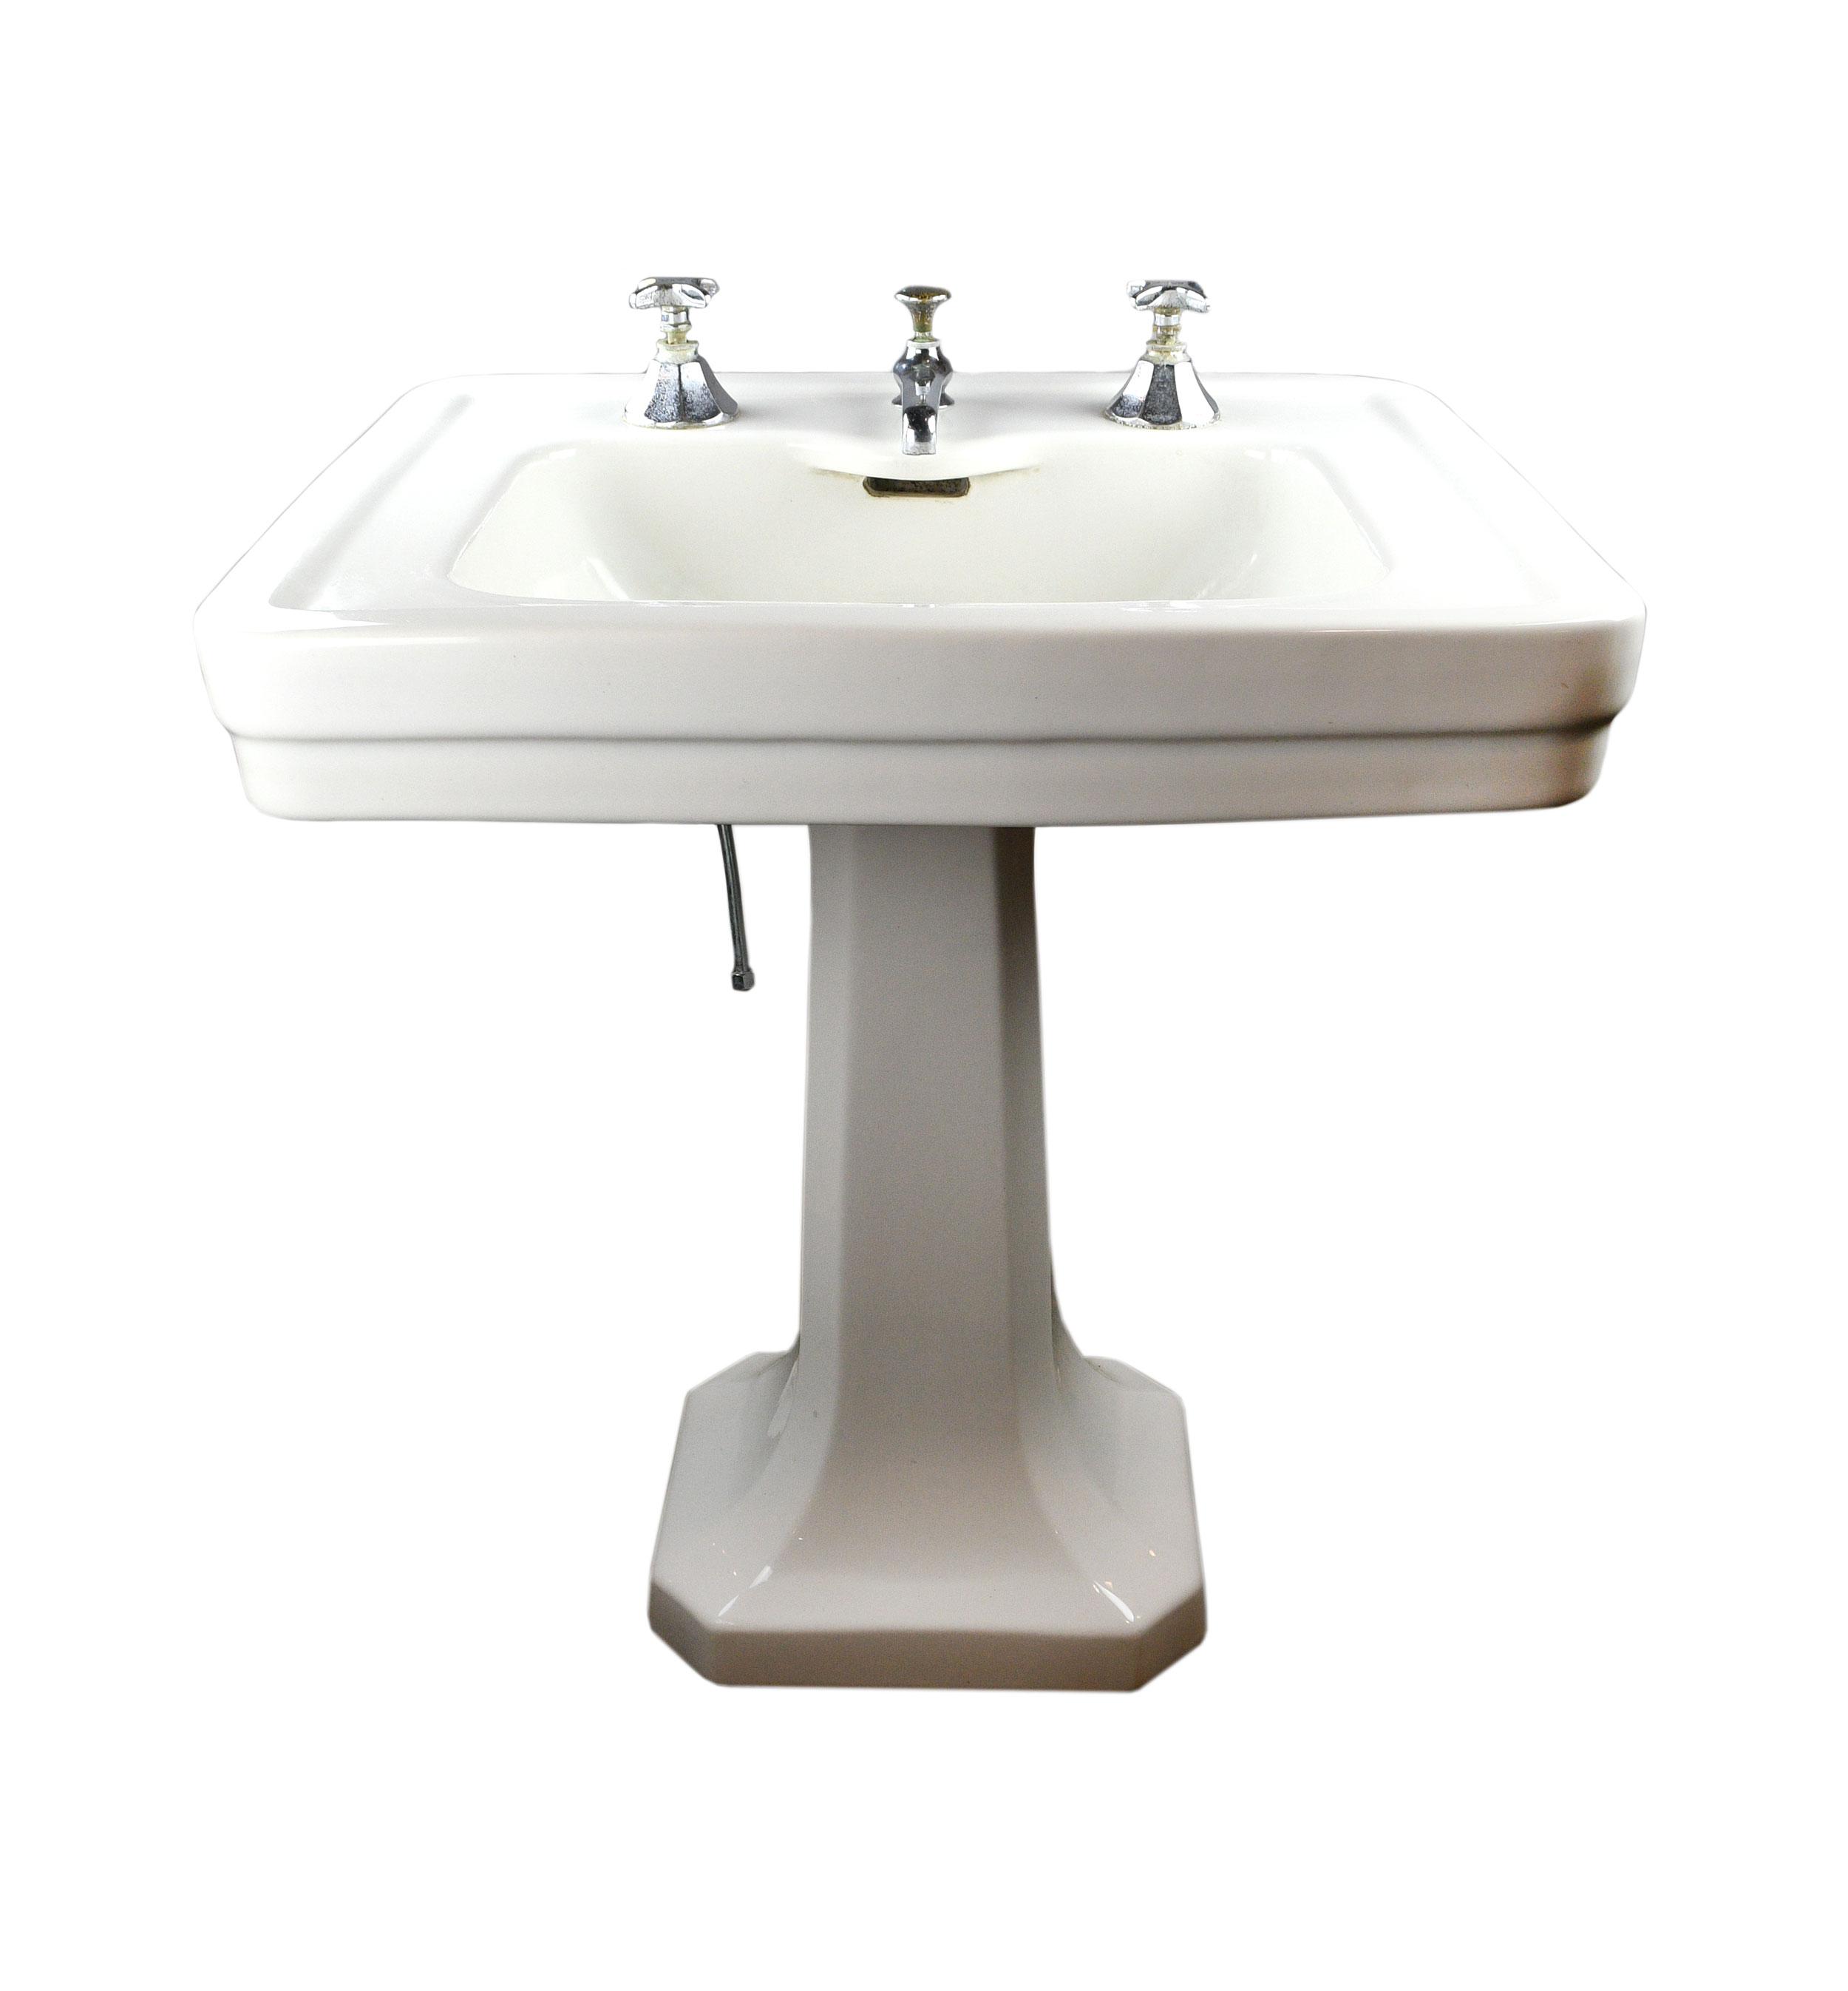 48282- kohler sink-3.jpg